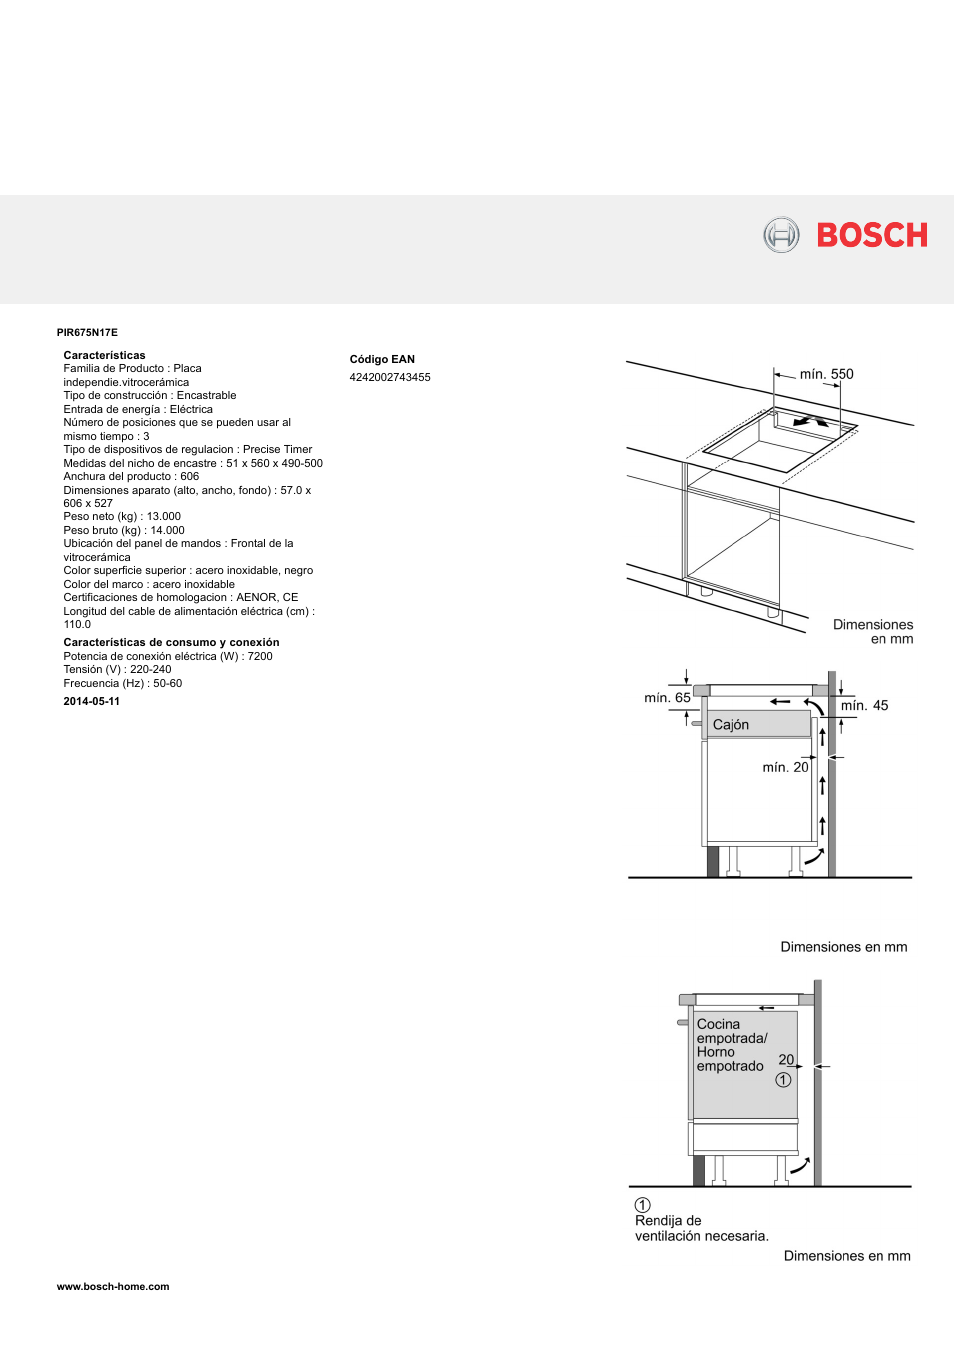 Bosch PIR675N17E Inducción 60 cm de ancho Terminación